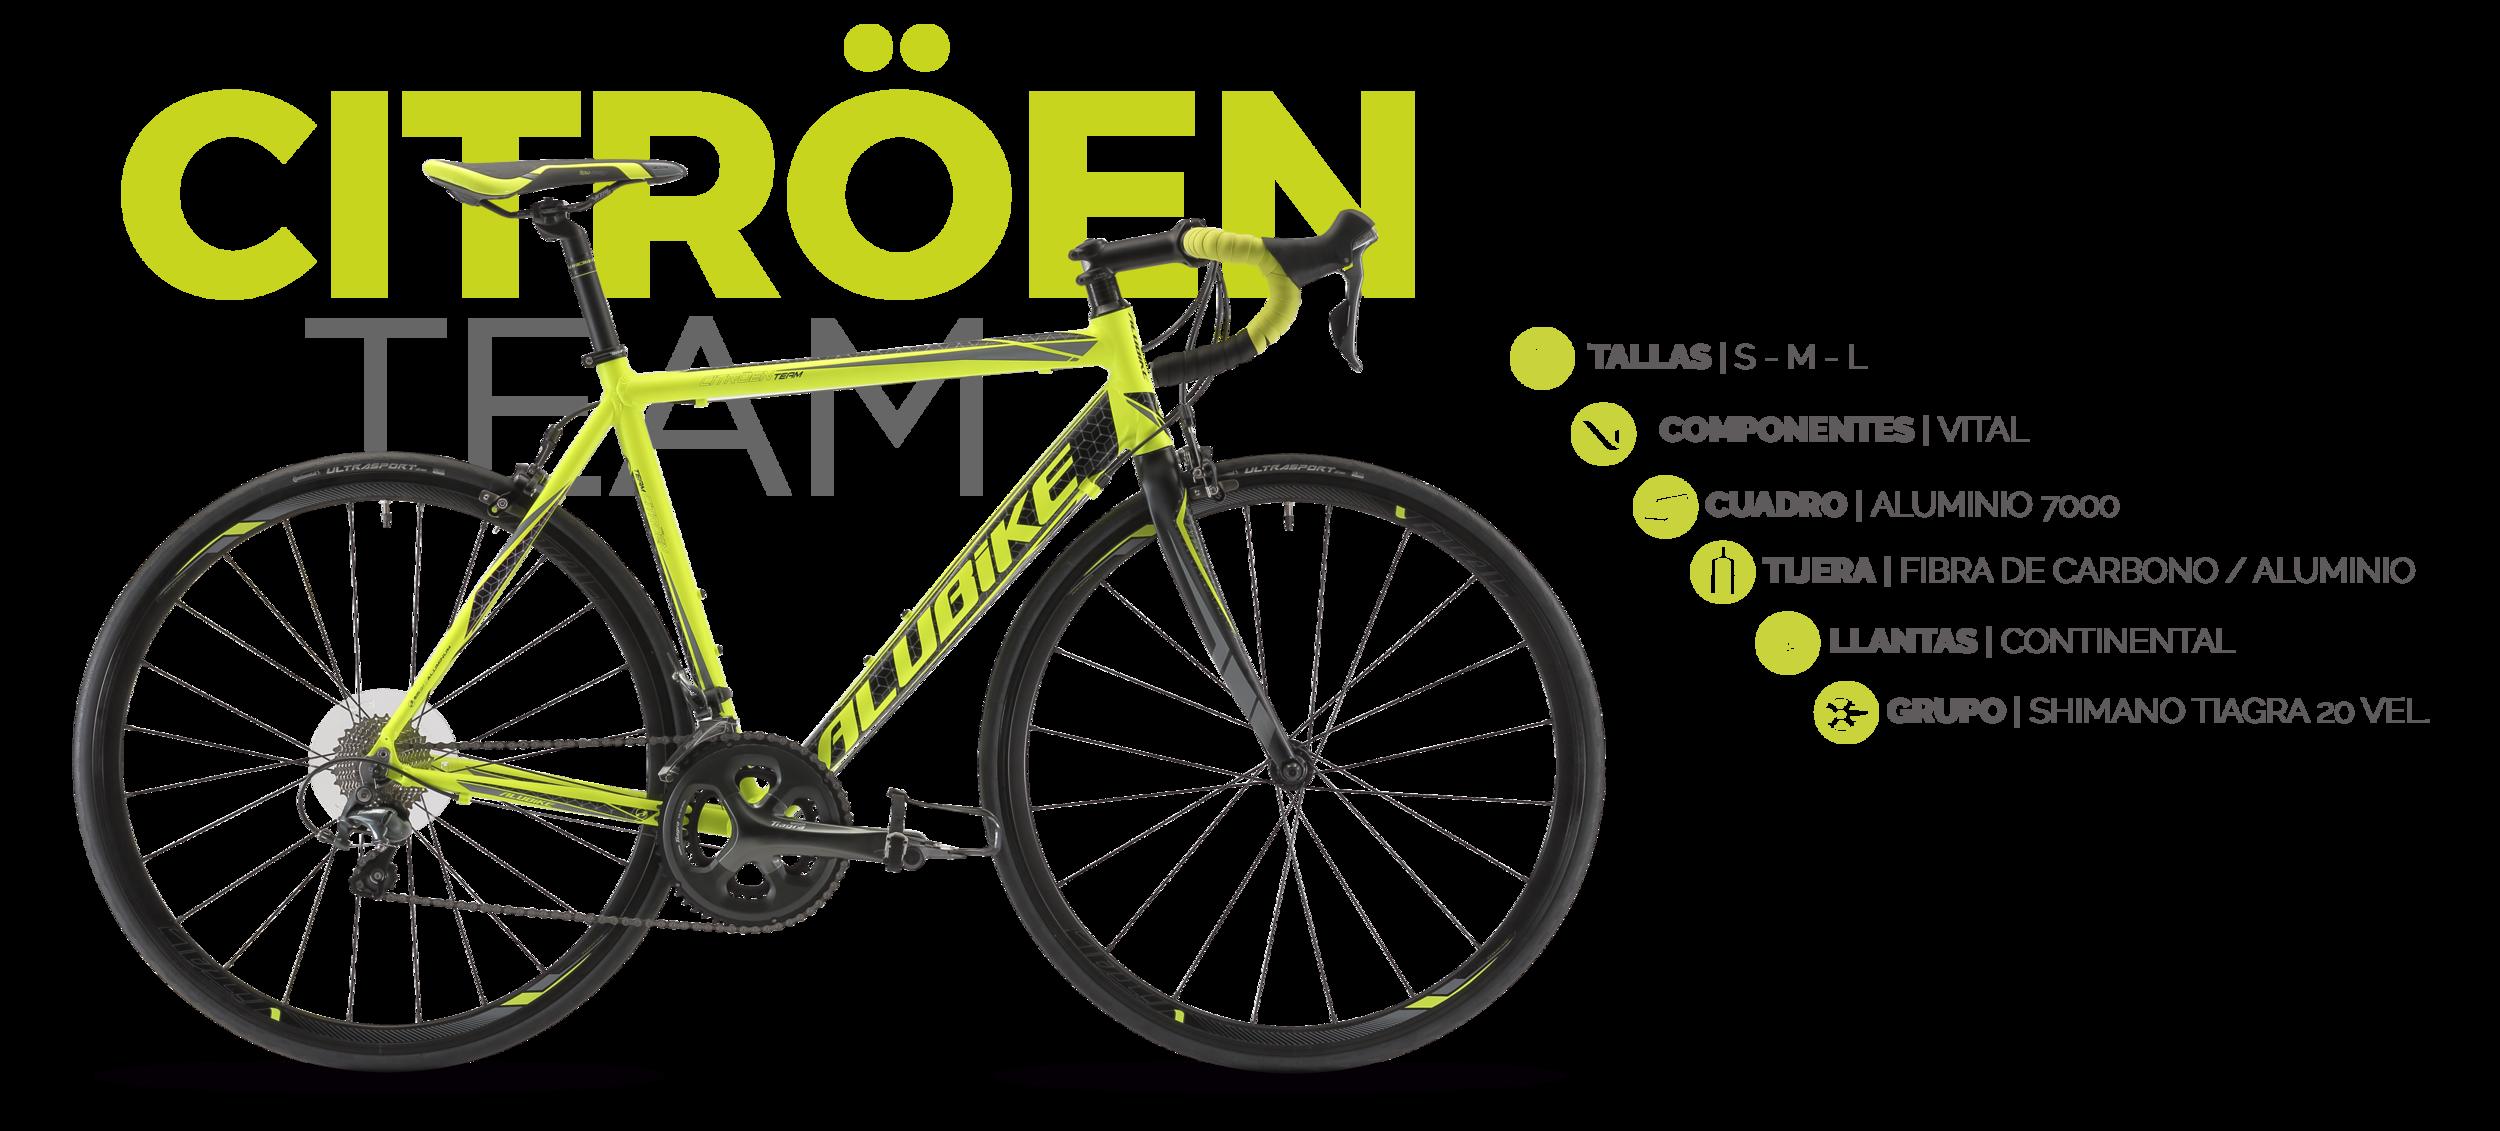 Citroen_team.png